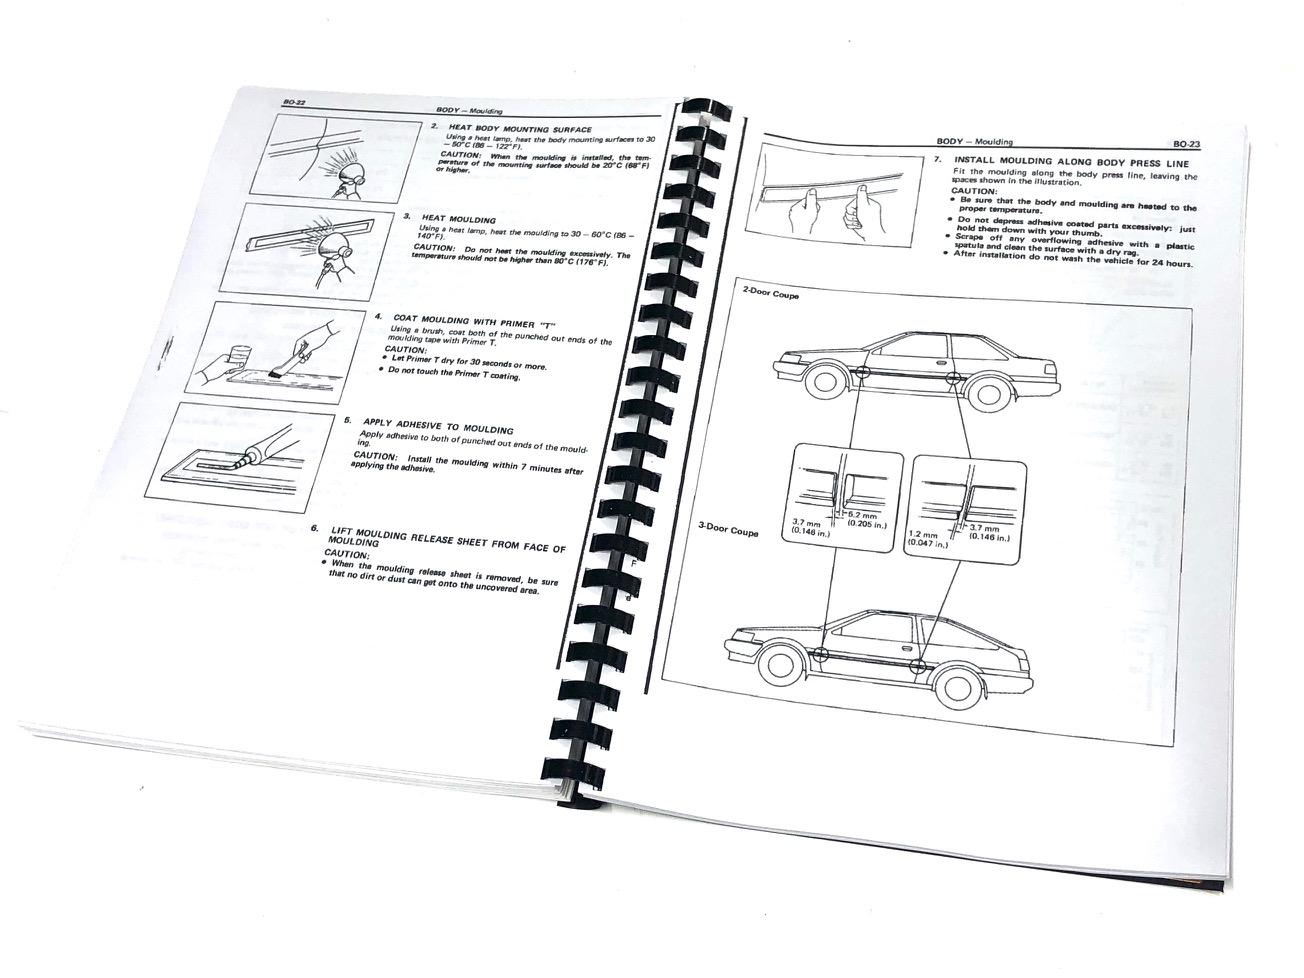 AE86 Repair Manual